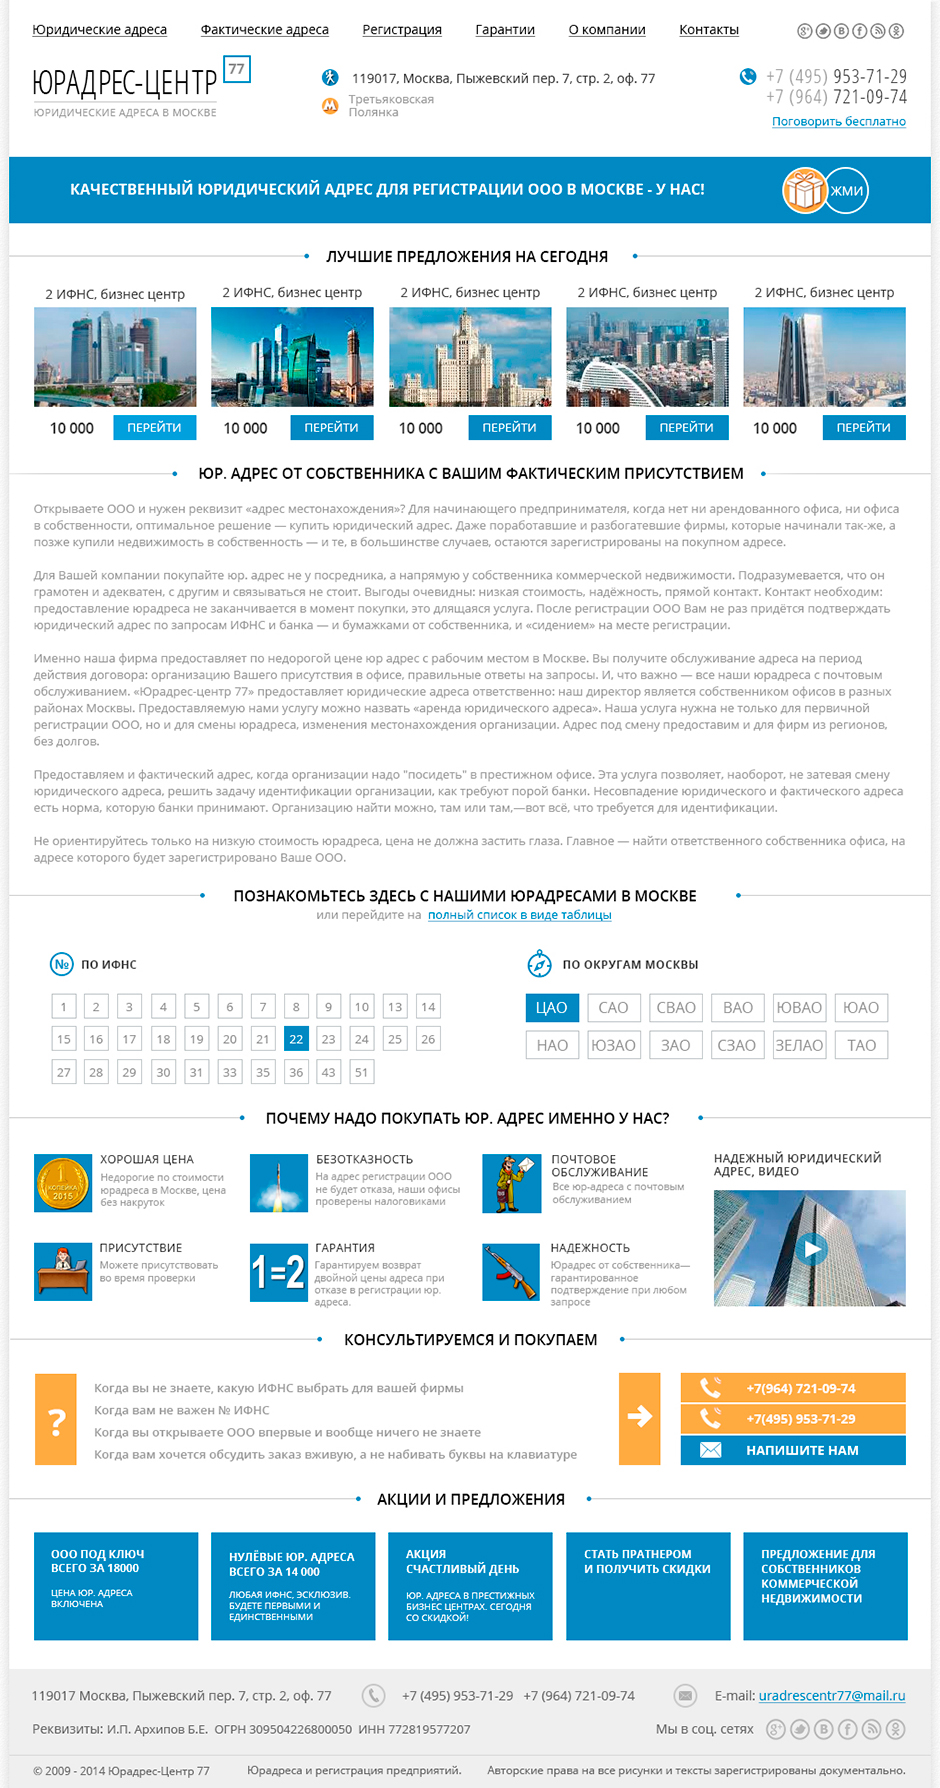 редизайн сайта компании юрадрес77